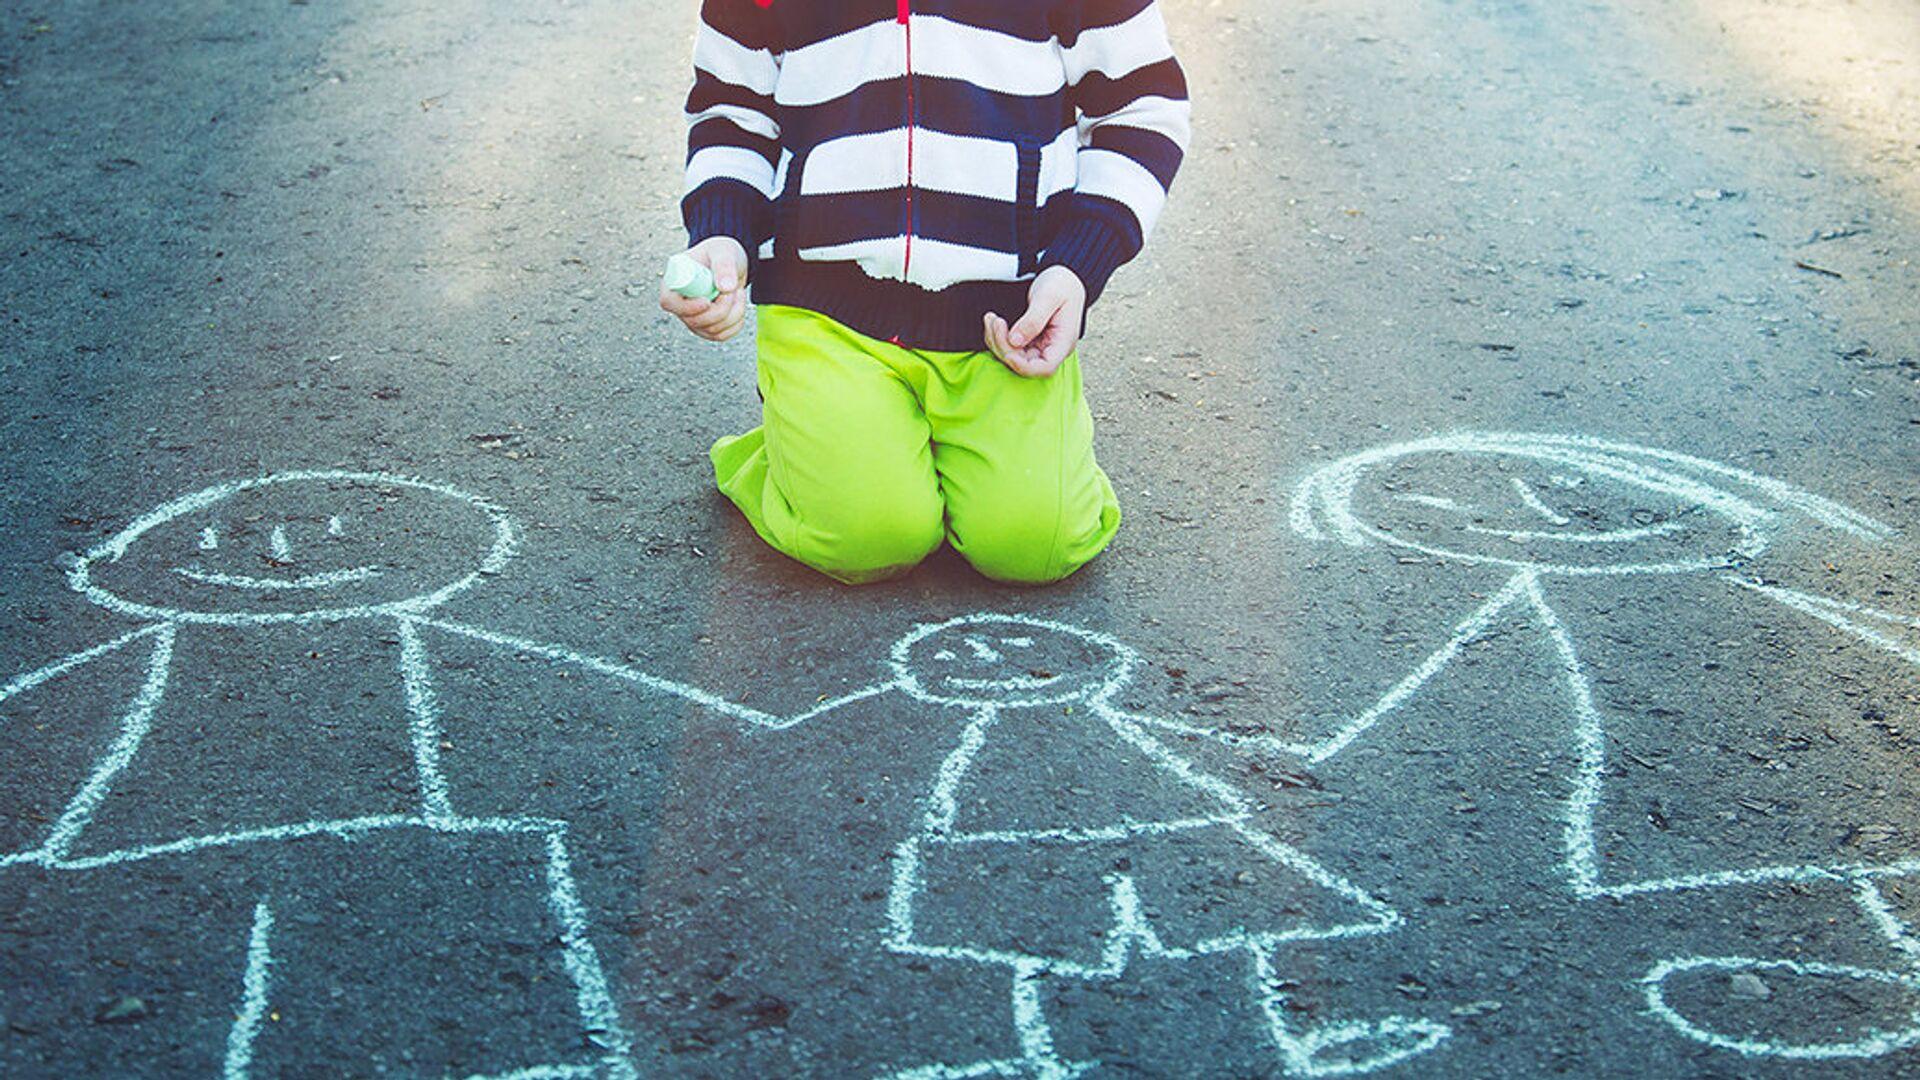 Ребенок рисует на асфальте мелом - РИА Новости, 1920, 17.03.2019